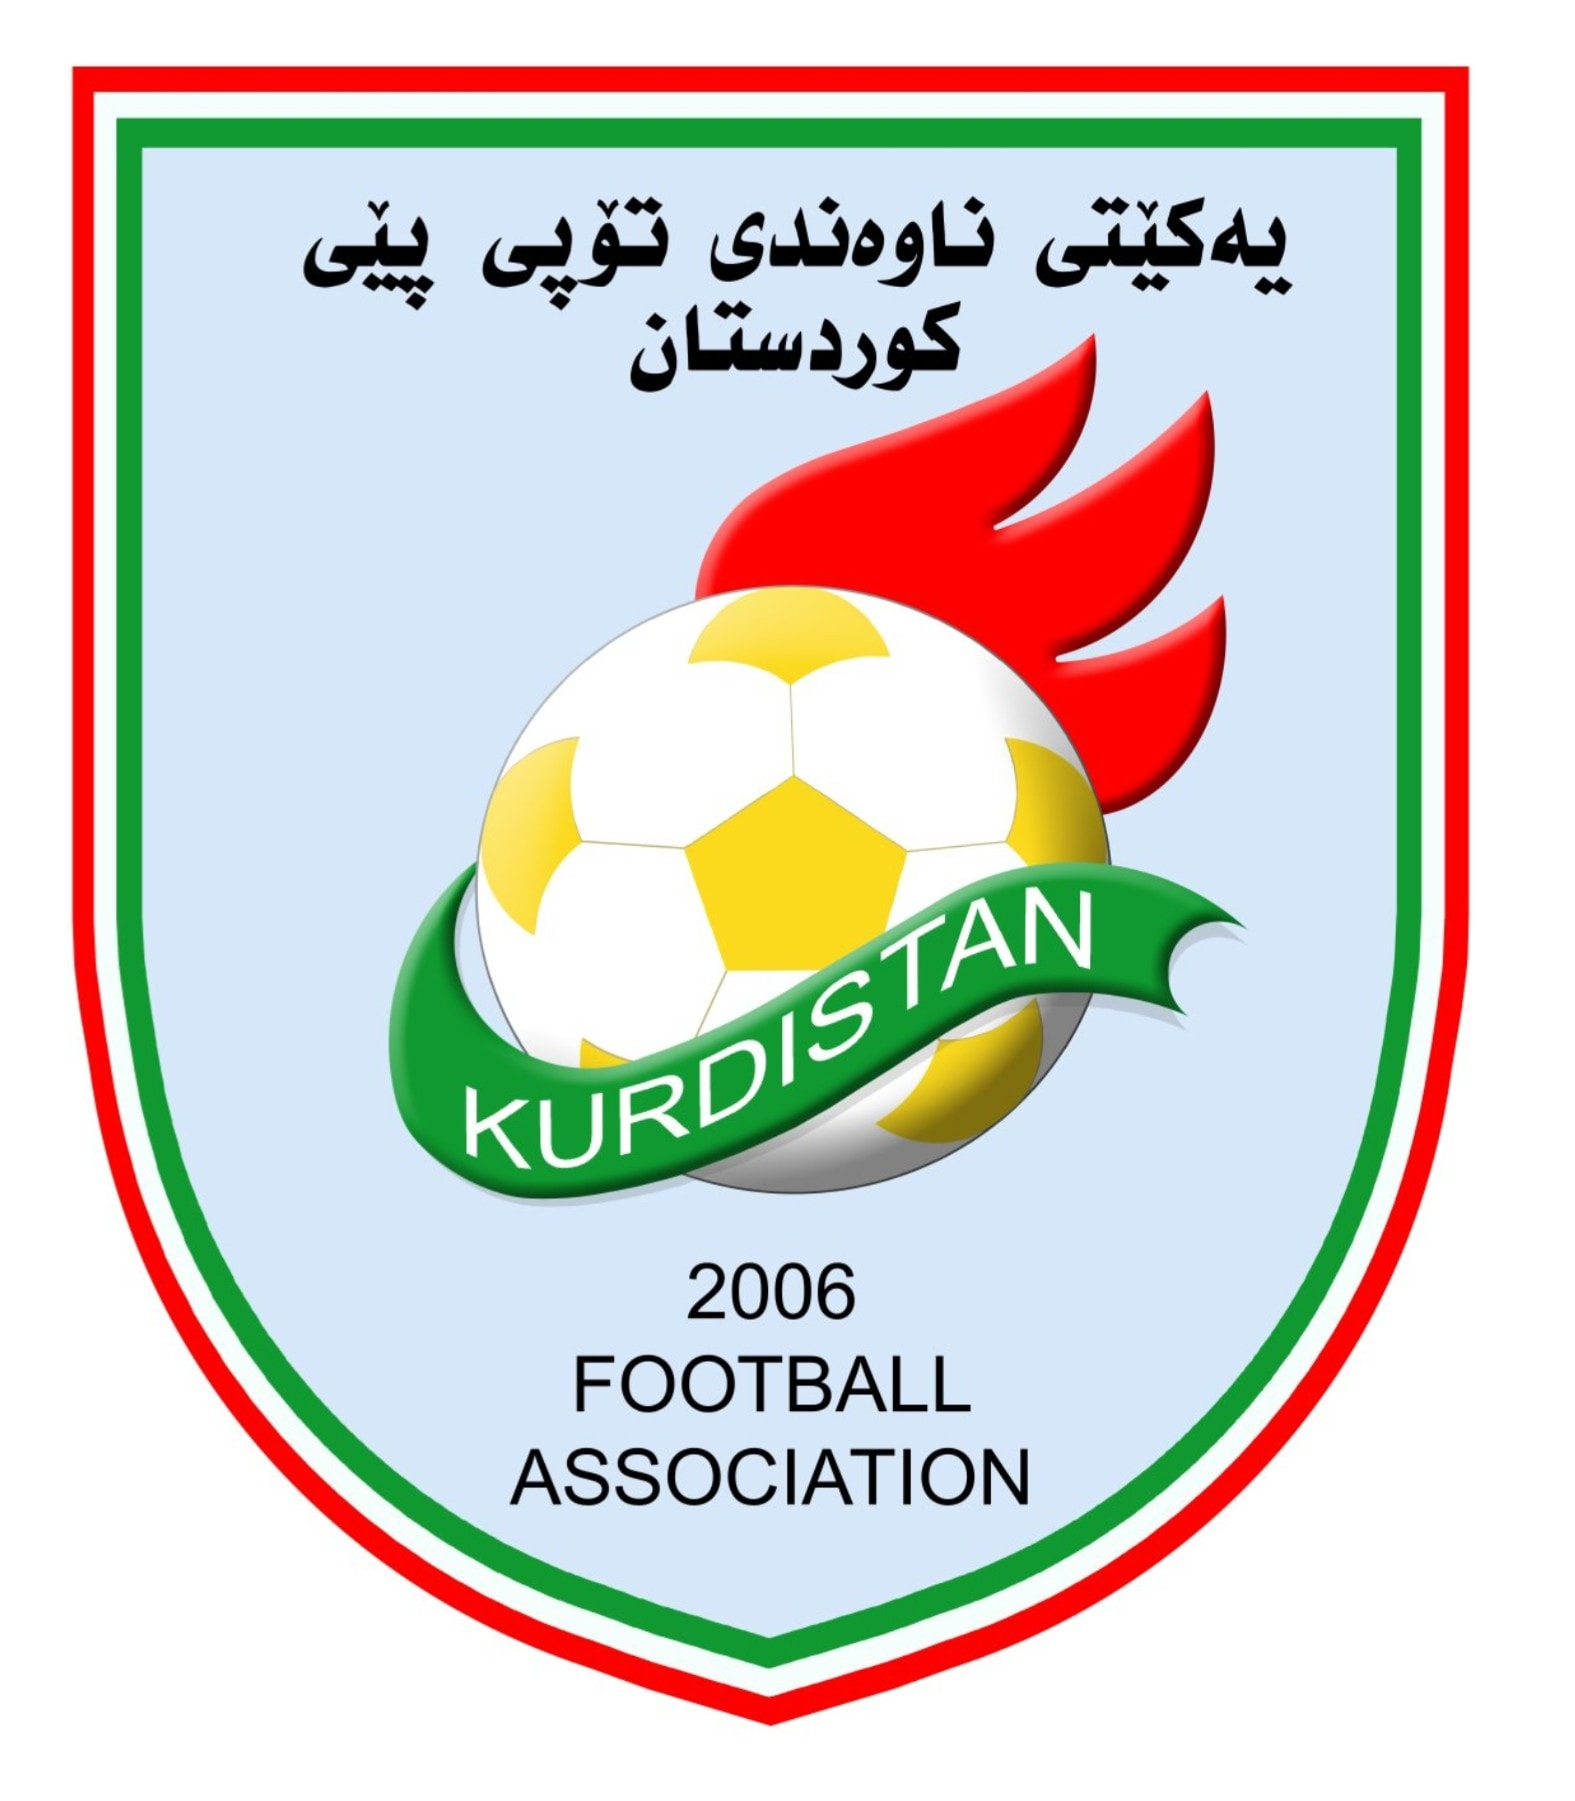 خولهكانی تۆپی پێی كوردستان ڕاگیرا